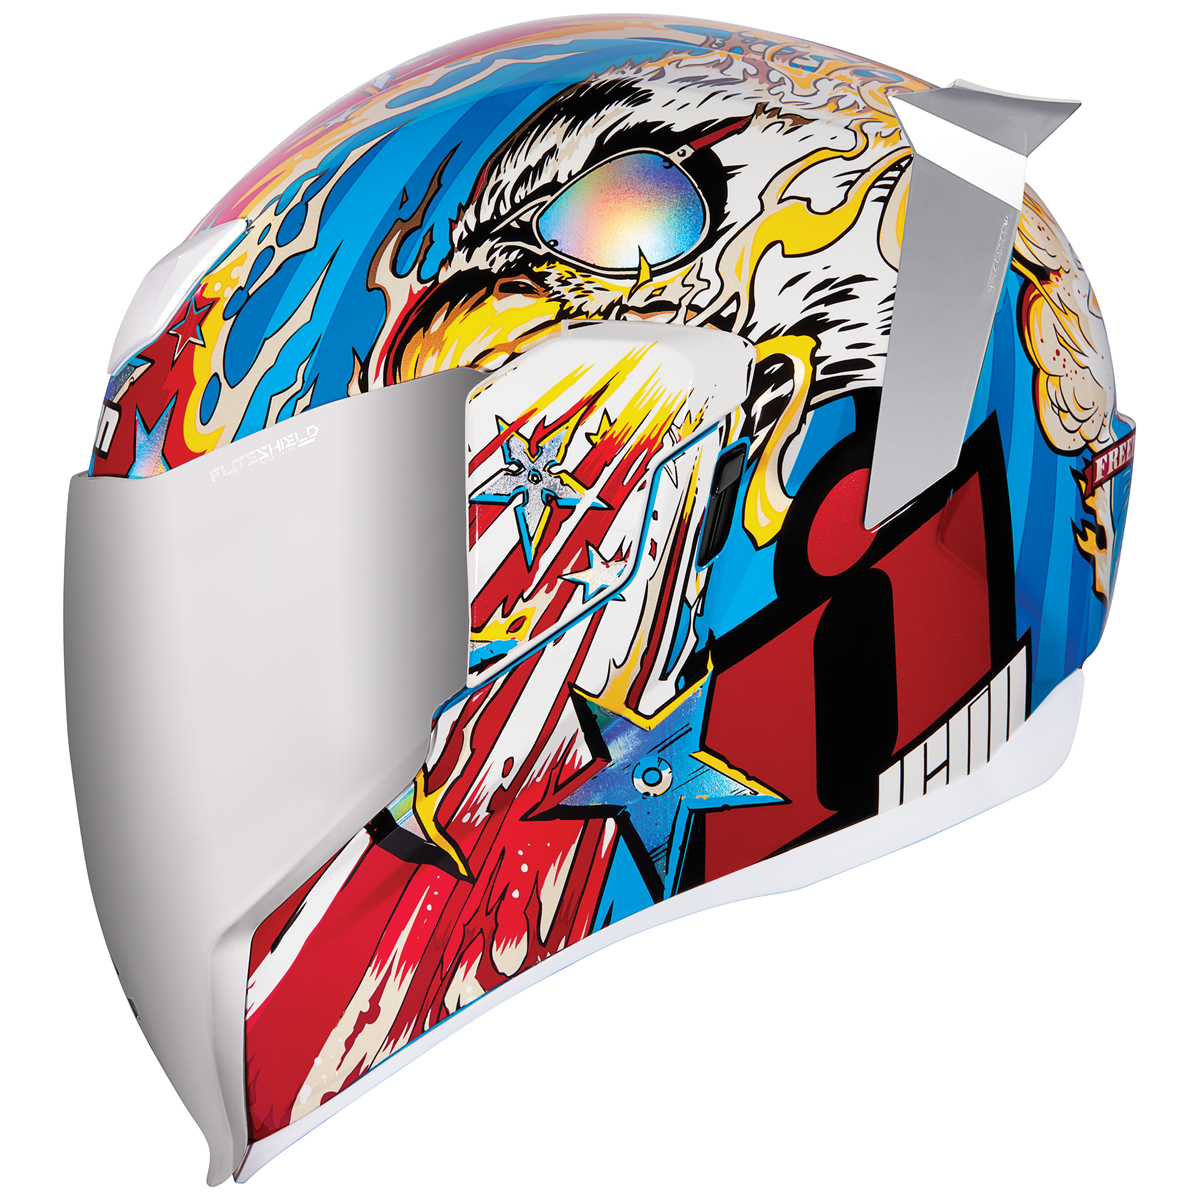 ICON Airflight Freedom Spitter Full Face Helmet